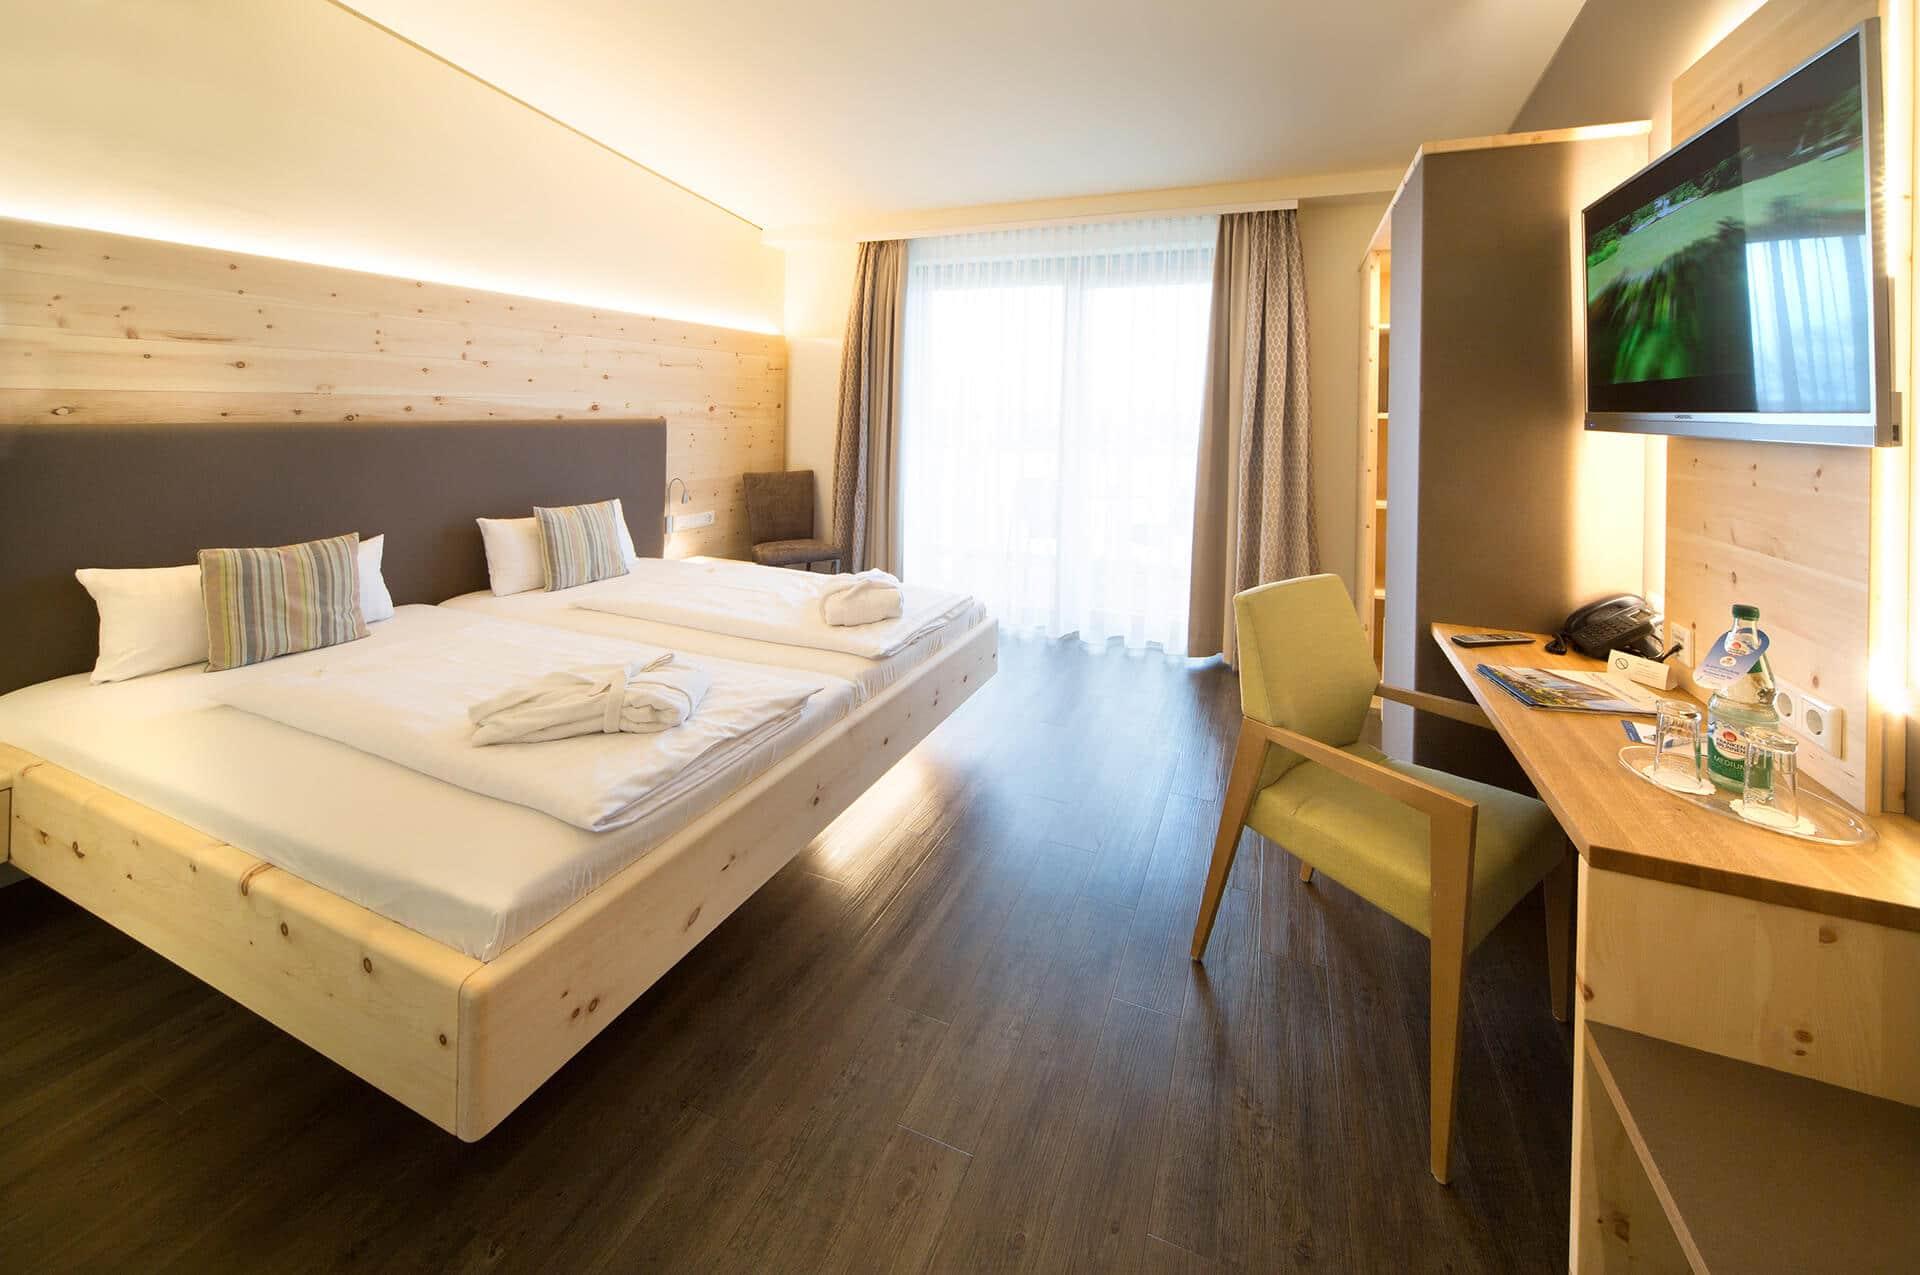 Zirbenzimmer mit Zirbenbett und Zirbenschrank im Vital Hotel an der Therme in Bad Windsheim von der Schreinerei Bauereiß Schlafwelt mit Relax 2000 Bettsystem